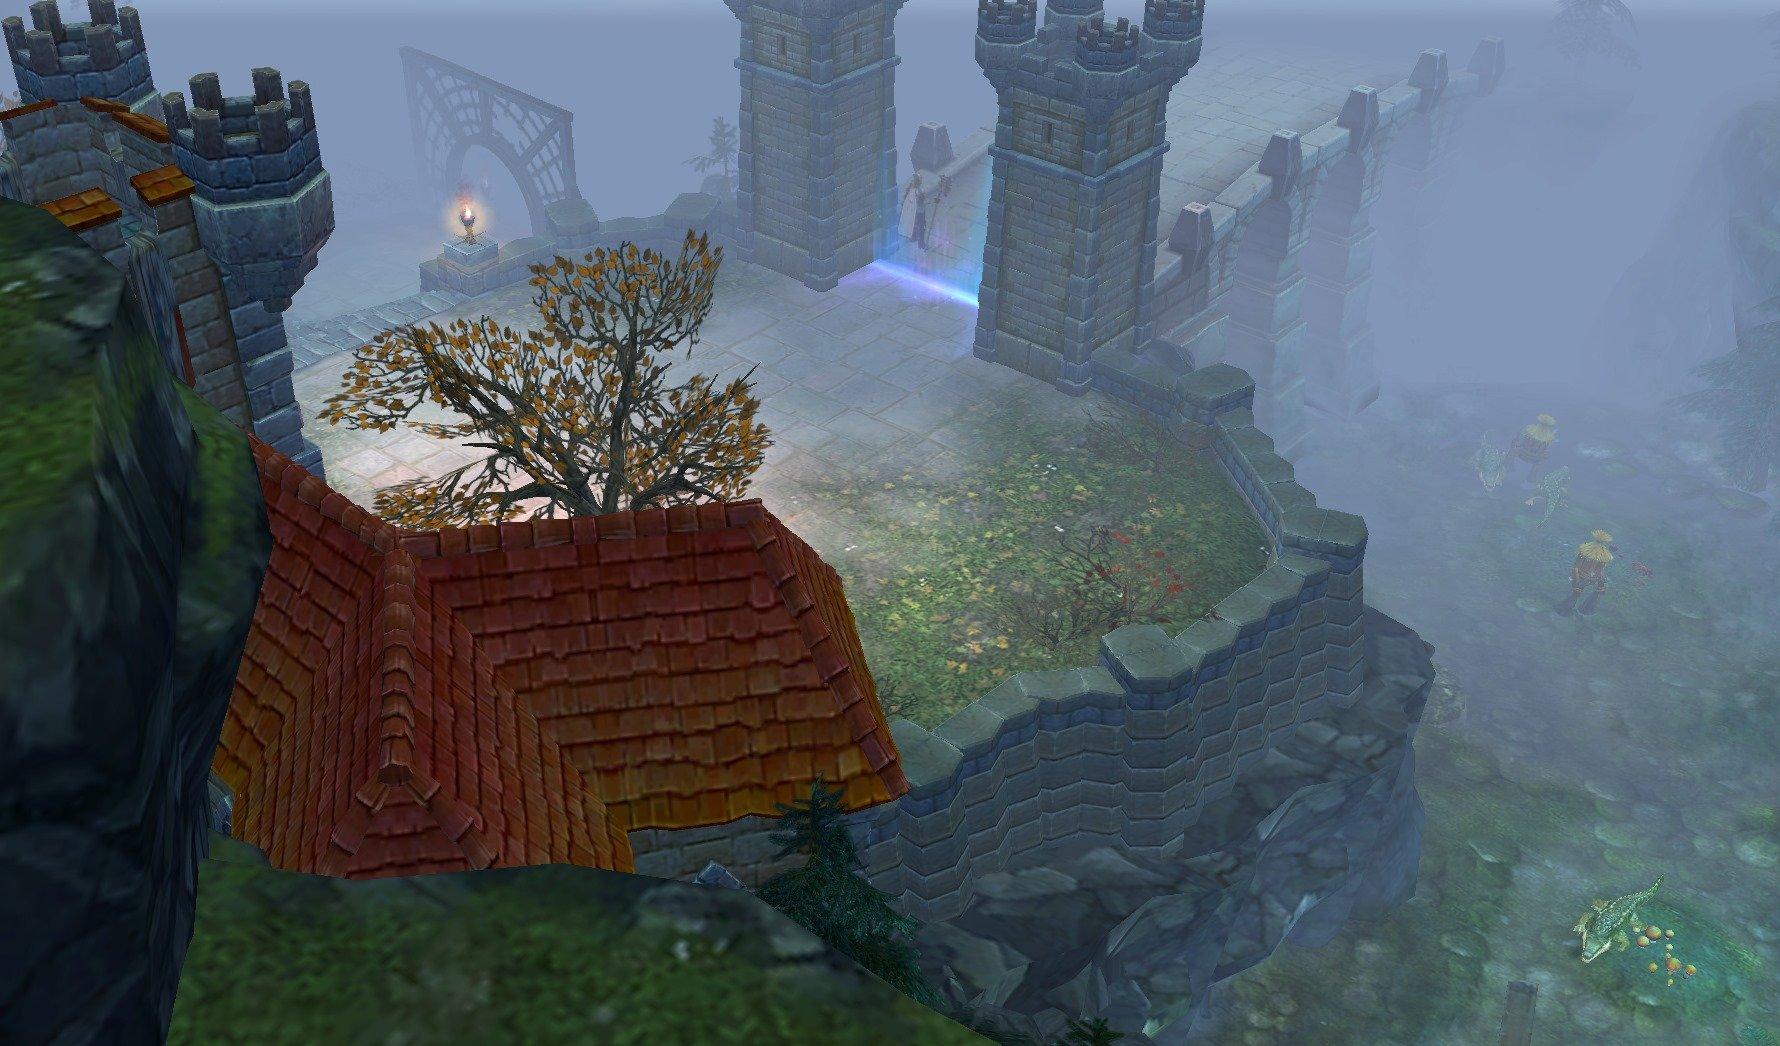 """Рубрика """"Исследуя Ауру"""" рассказывает о том, что и кого можно встретить на просторах мира Royal Quest  Исследуя Ауру ... - Изображение 1"""